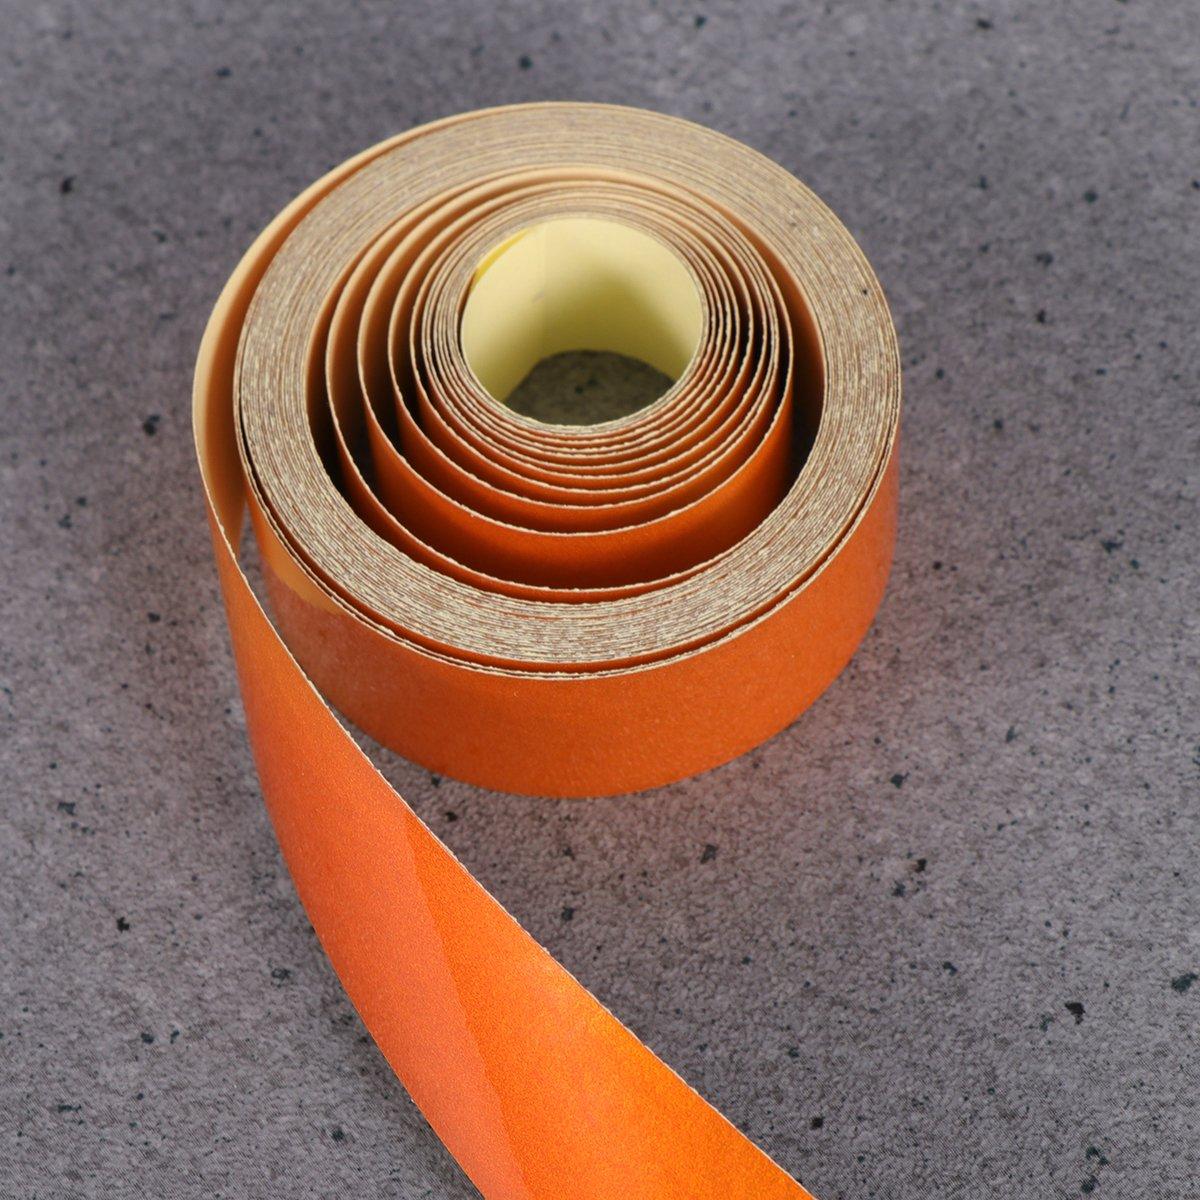 Vorcool 2 cm x 5 m Bande d/écorative autocollante r/éfl/échissante pour voiture moto DIY D/écor Orange